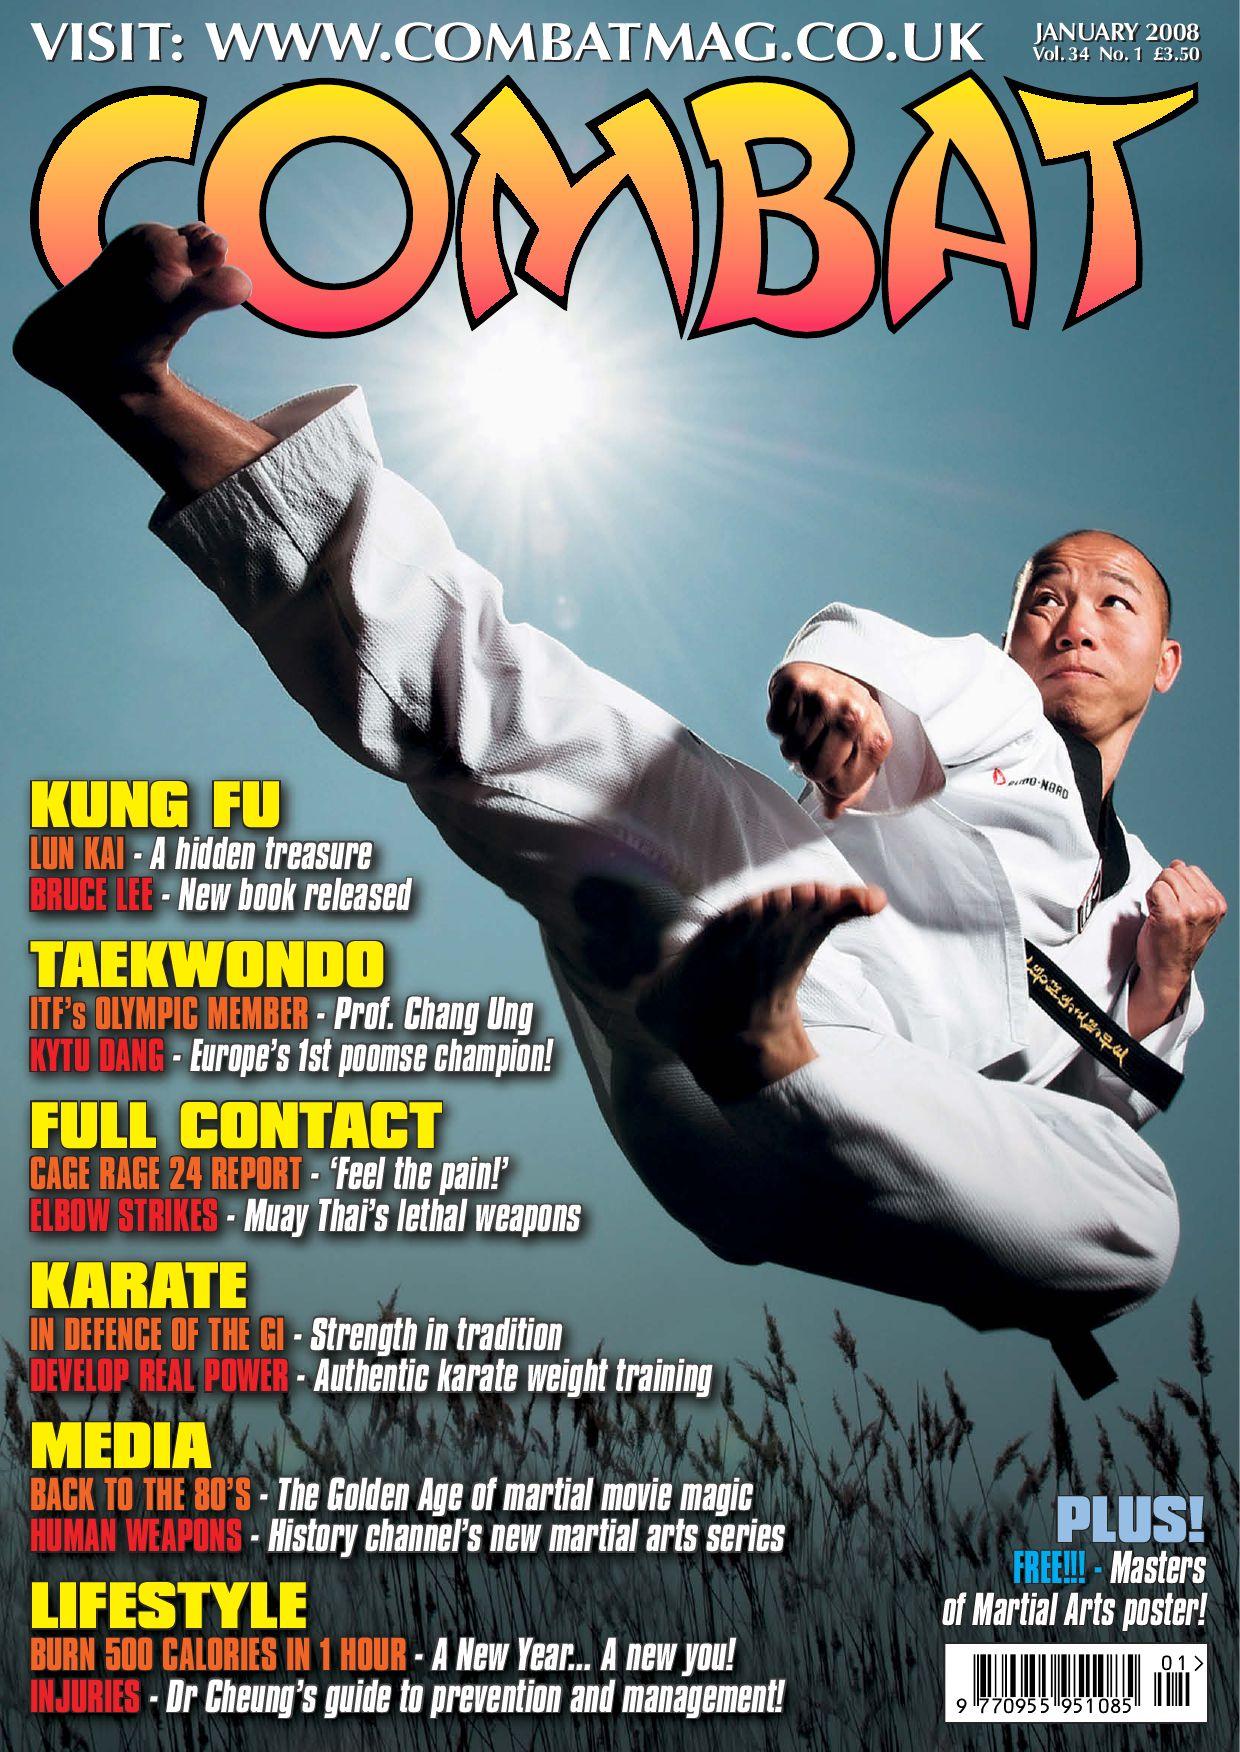 Bruce Lee Art Of Wing Chun 03 Wall Art Plakat Groß Format A0 Groß Druck